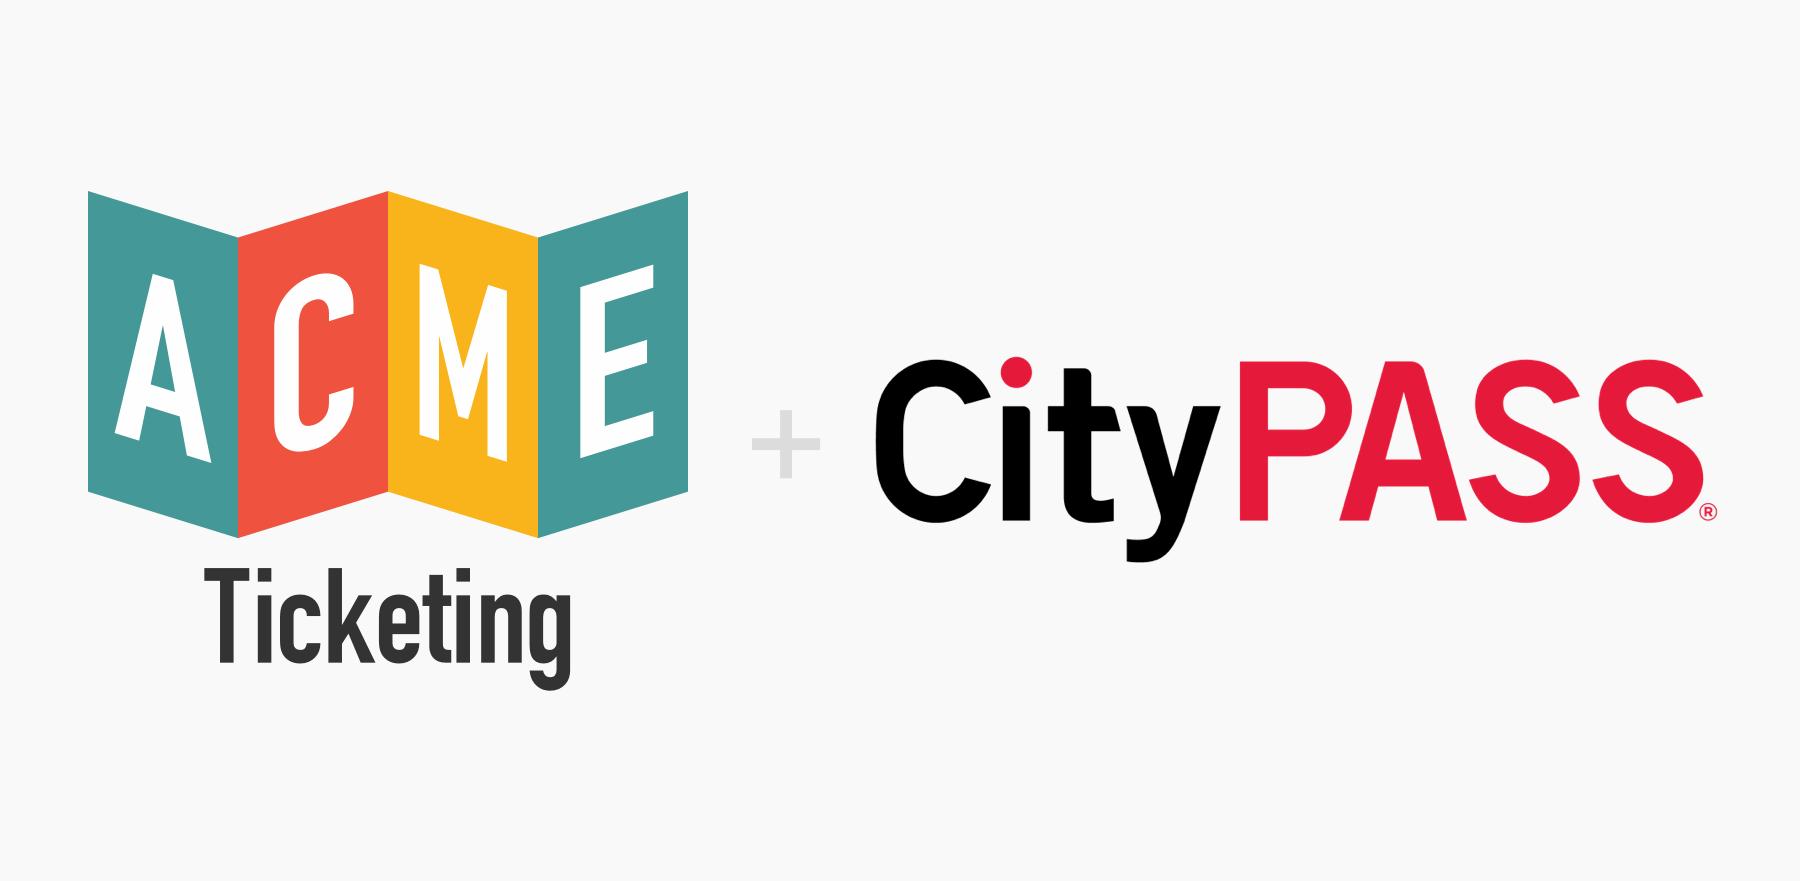 ACME and CityPASS logos